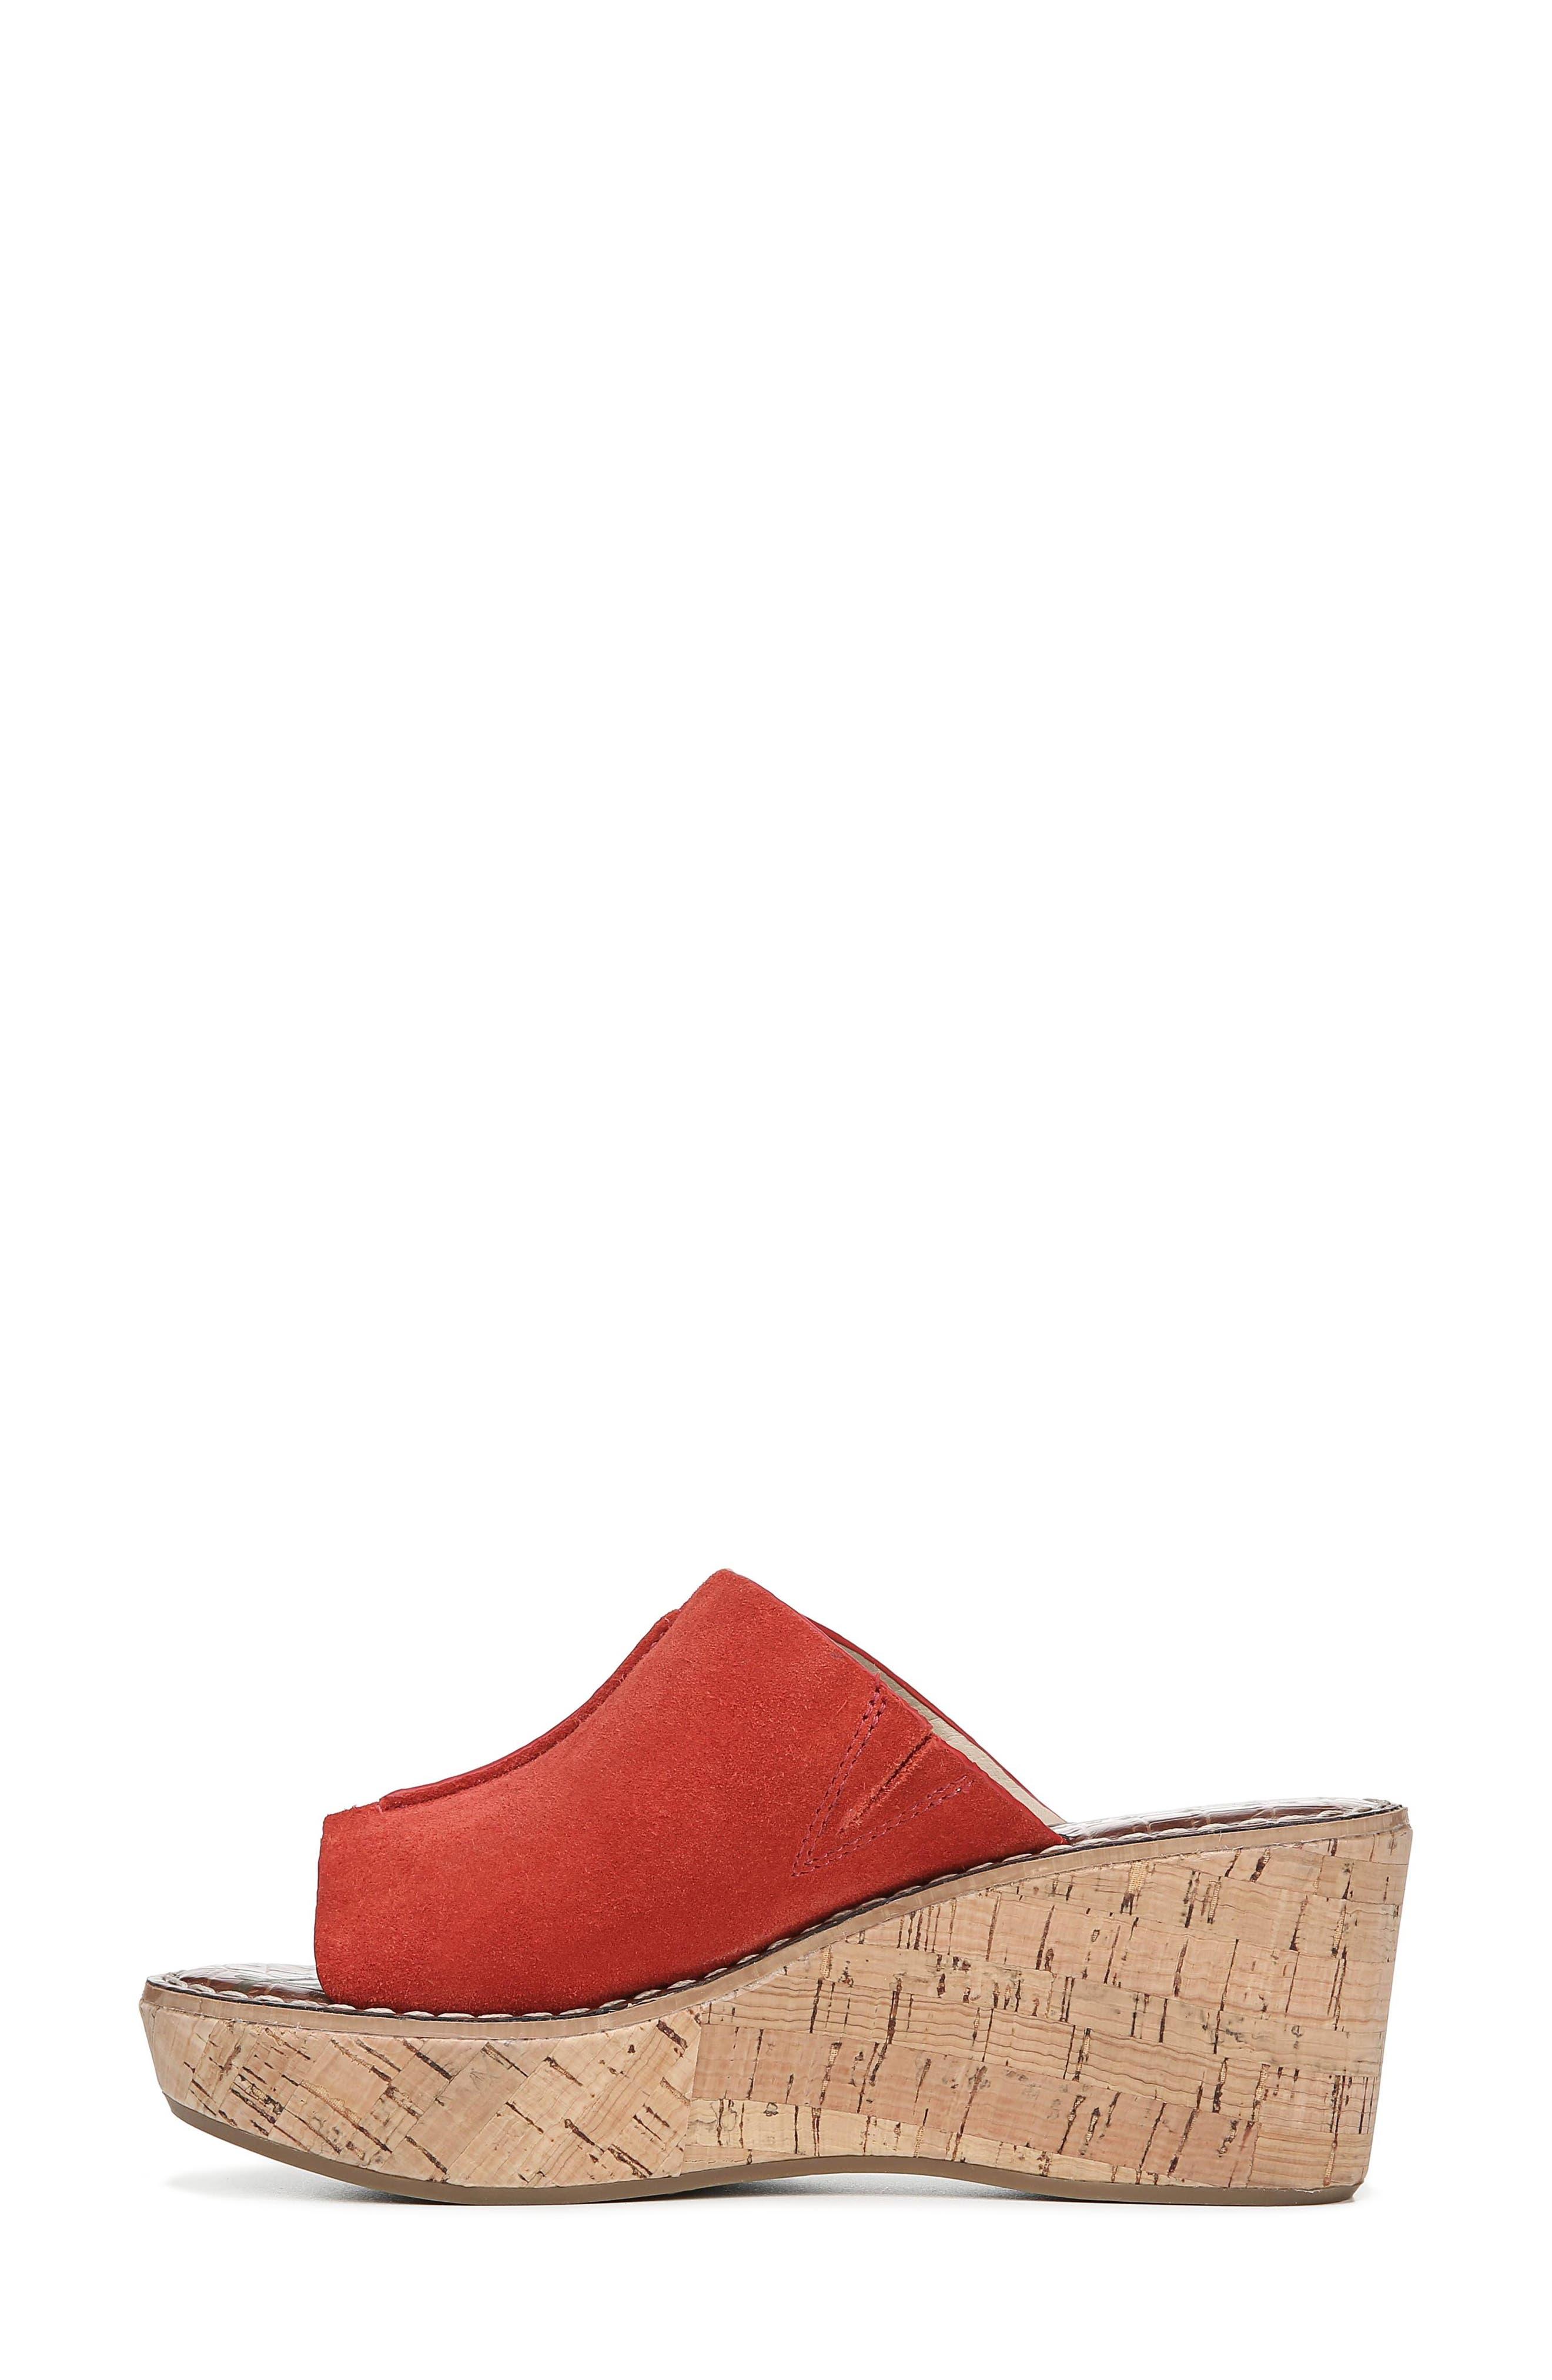 Ranger Platform Sandal,                             Alternate thumbnail 8, color,                             CANDY RED SUEDE